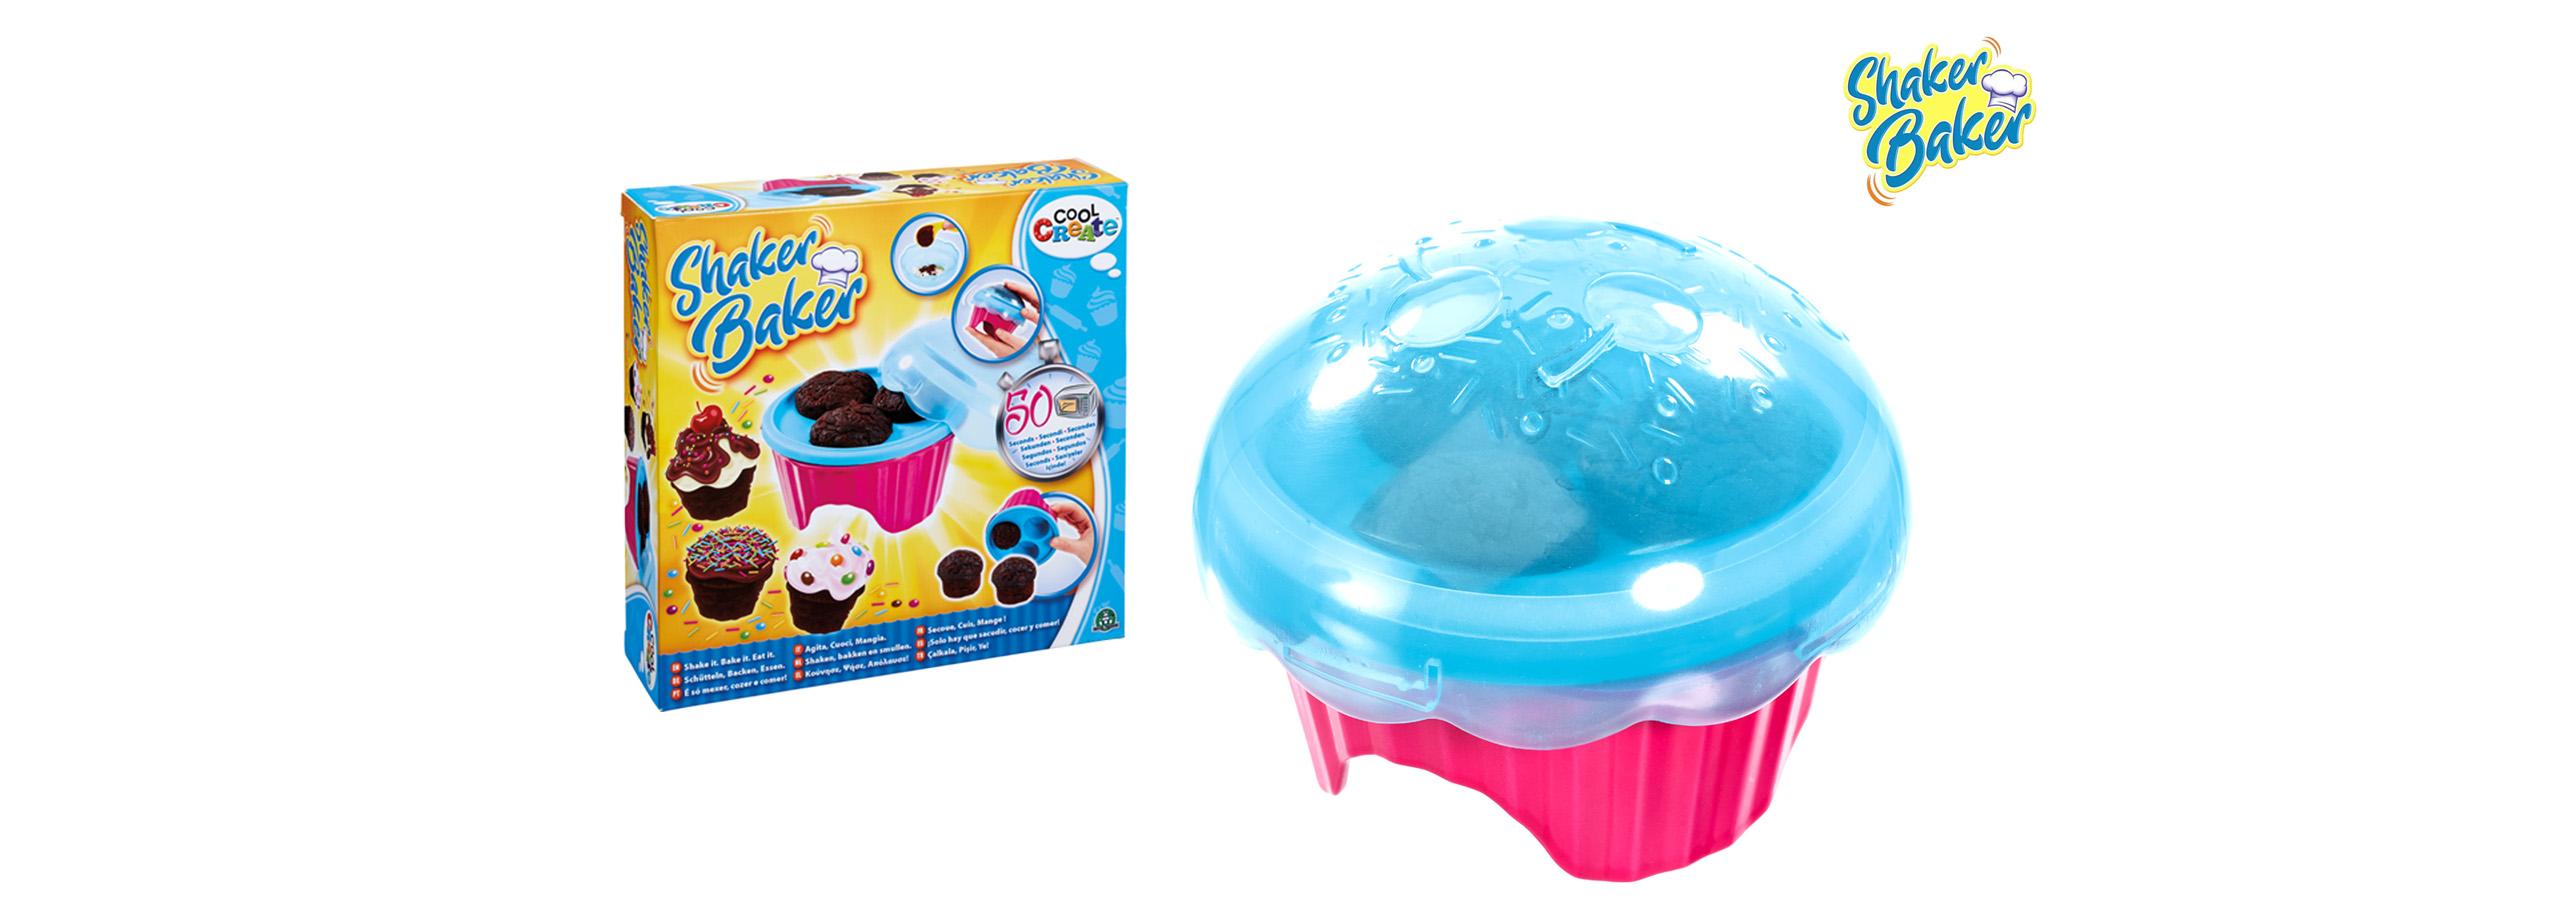 Shaker Baker Toy